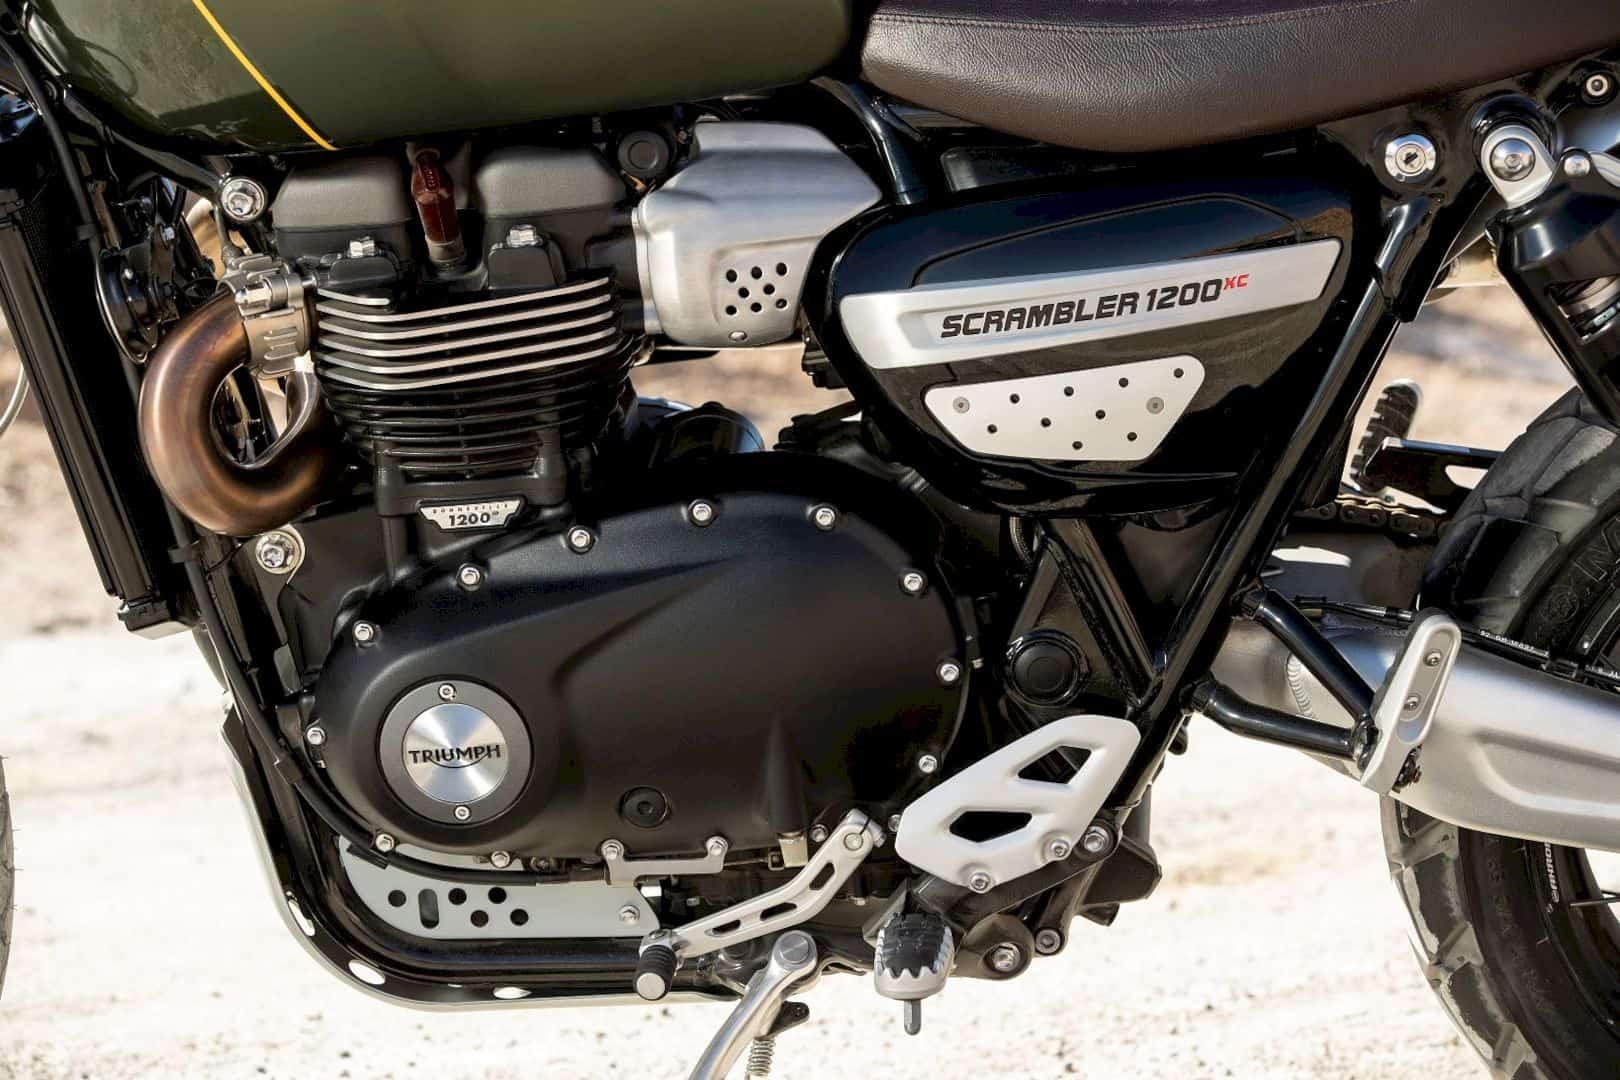 Triumph Scrambler 1200 3